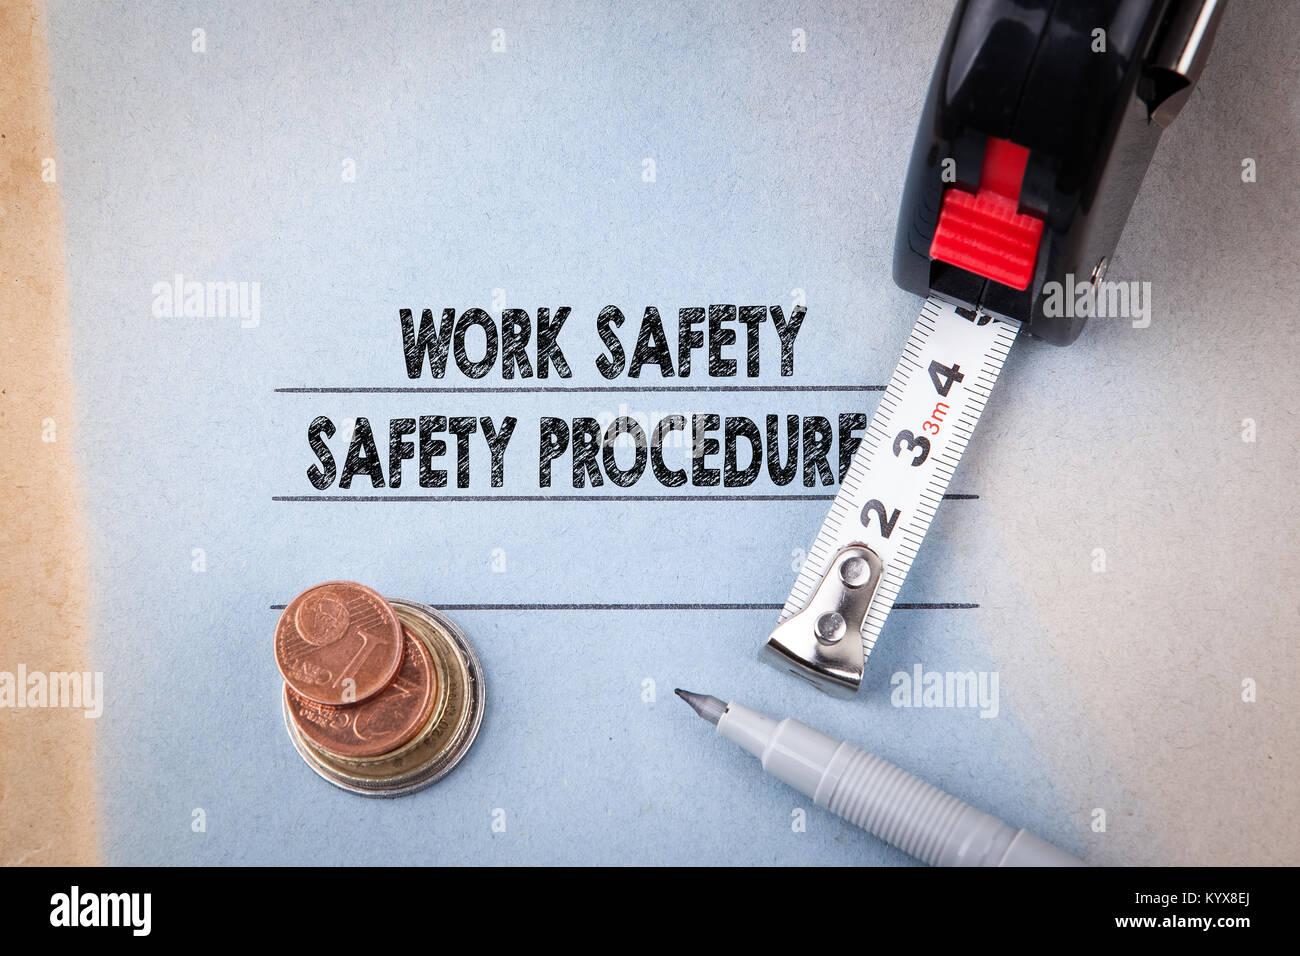 La seguridad en el trabajo. Los peligros y procedimientos de seguridad, protección, salud y reglamentos Foto de stock